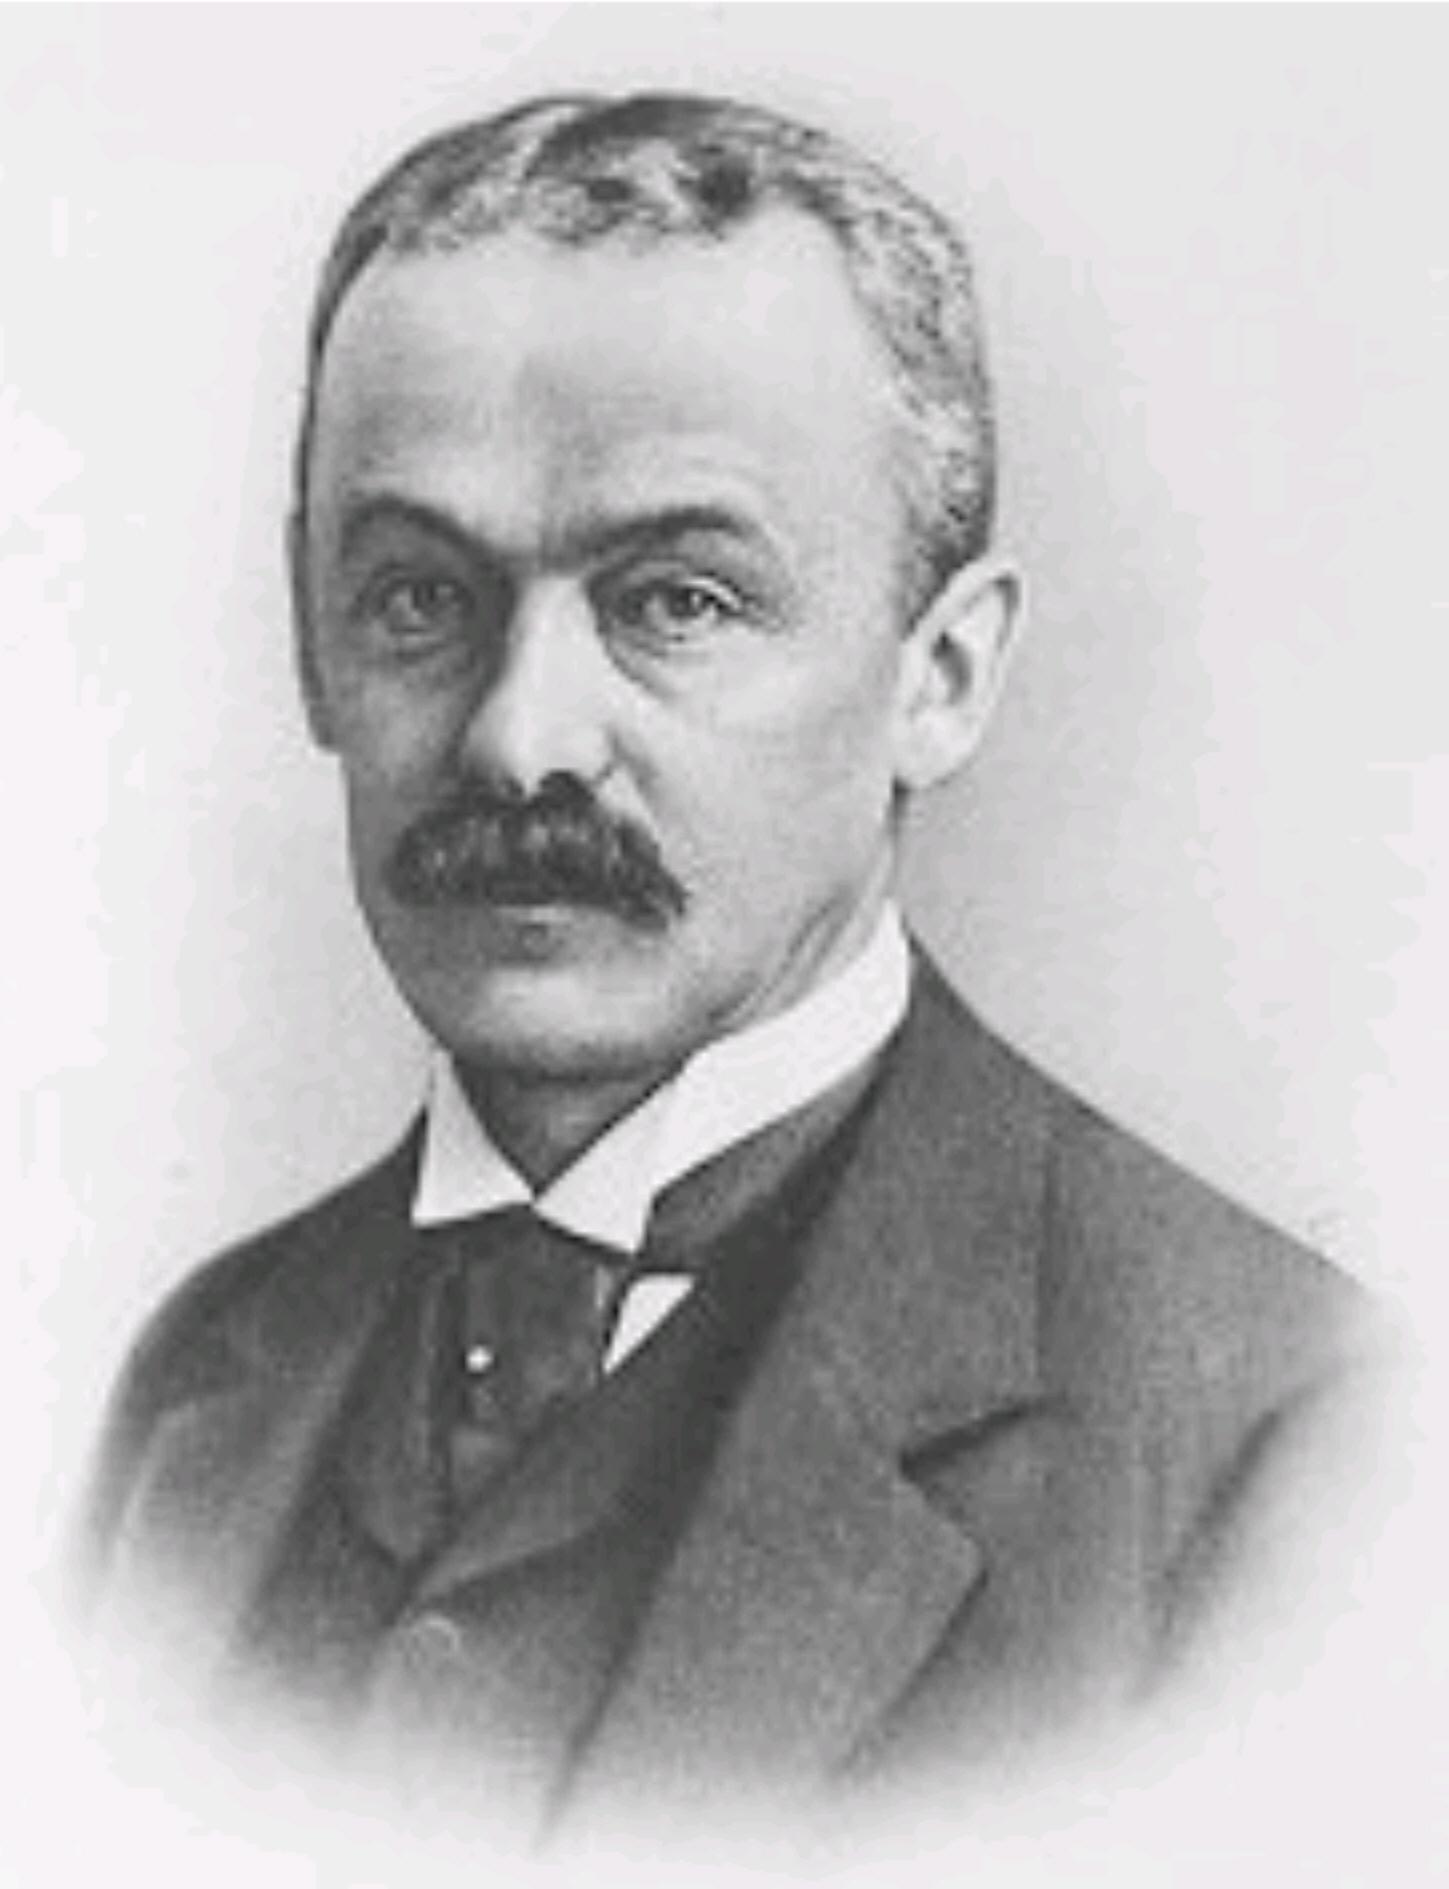 Portrait of Franz Oppenheimer